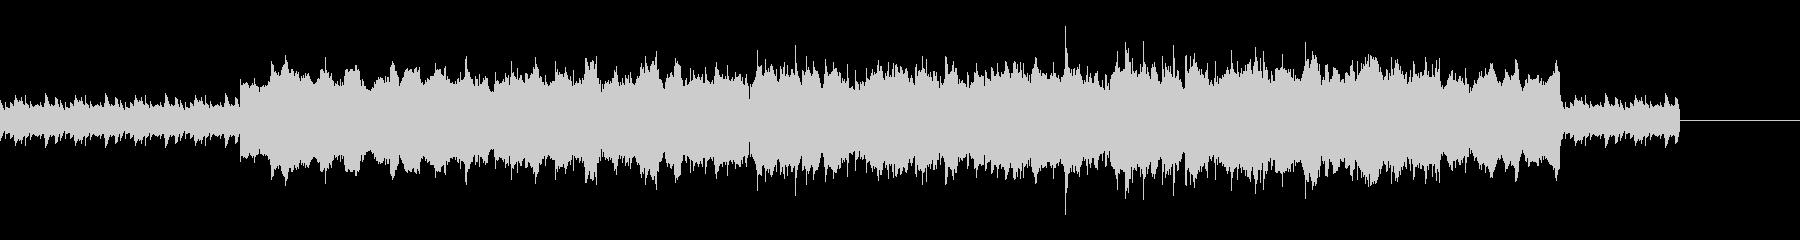 アルペジオギターによるシリアス雰囲気の曲の未再生の波形